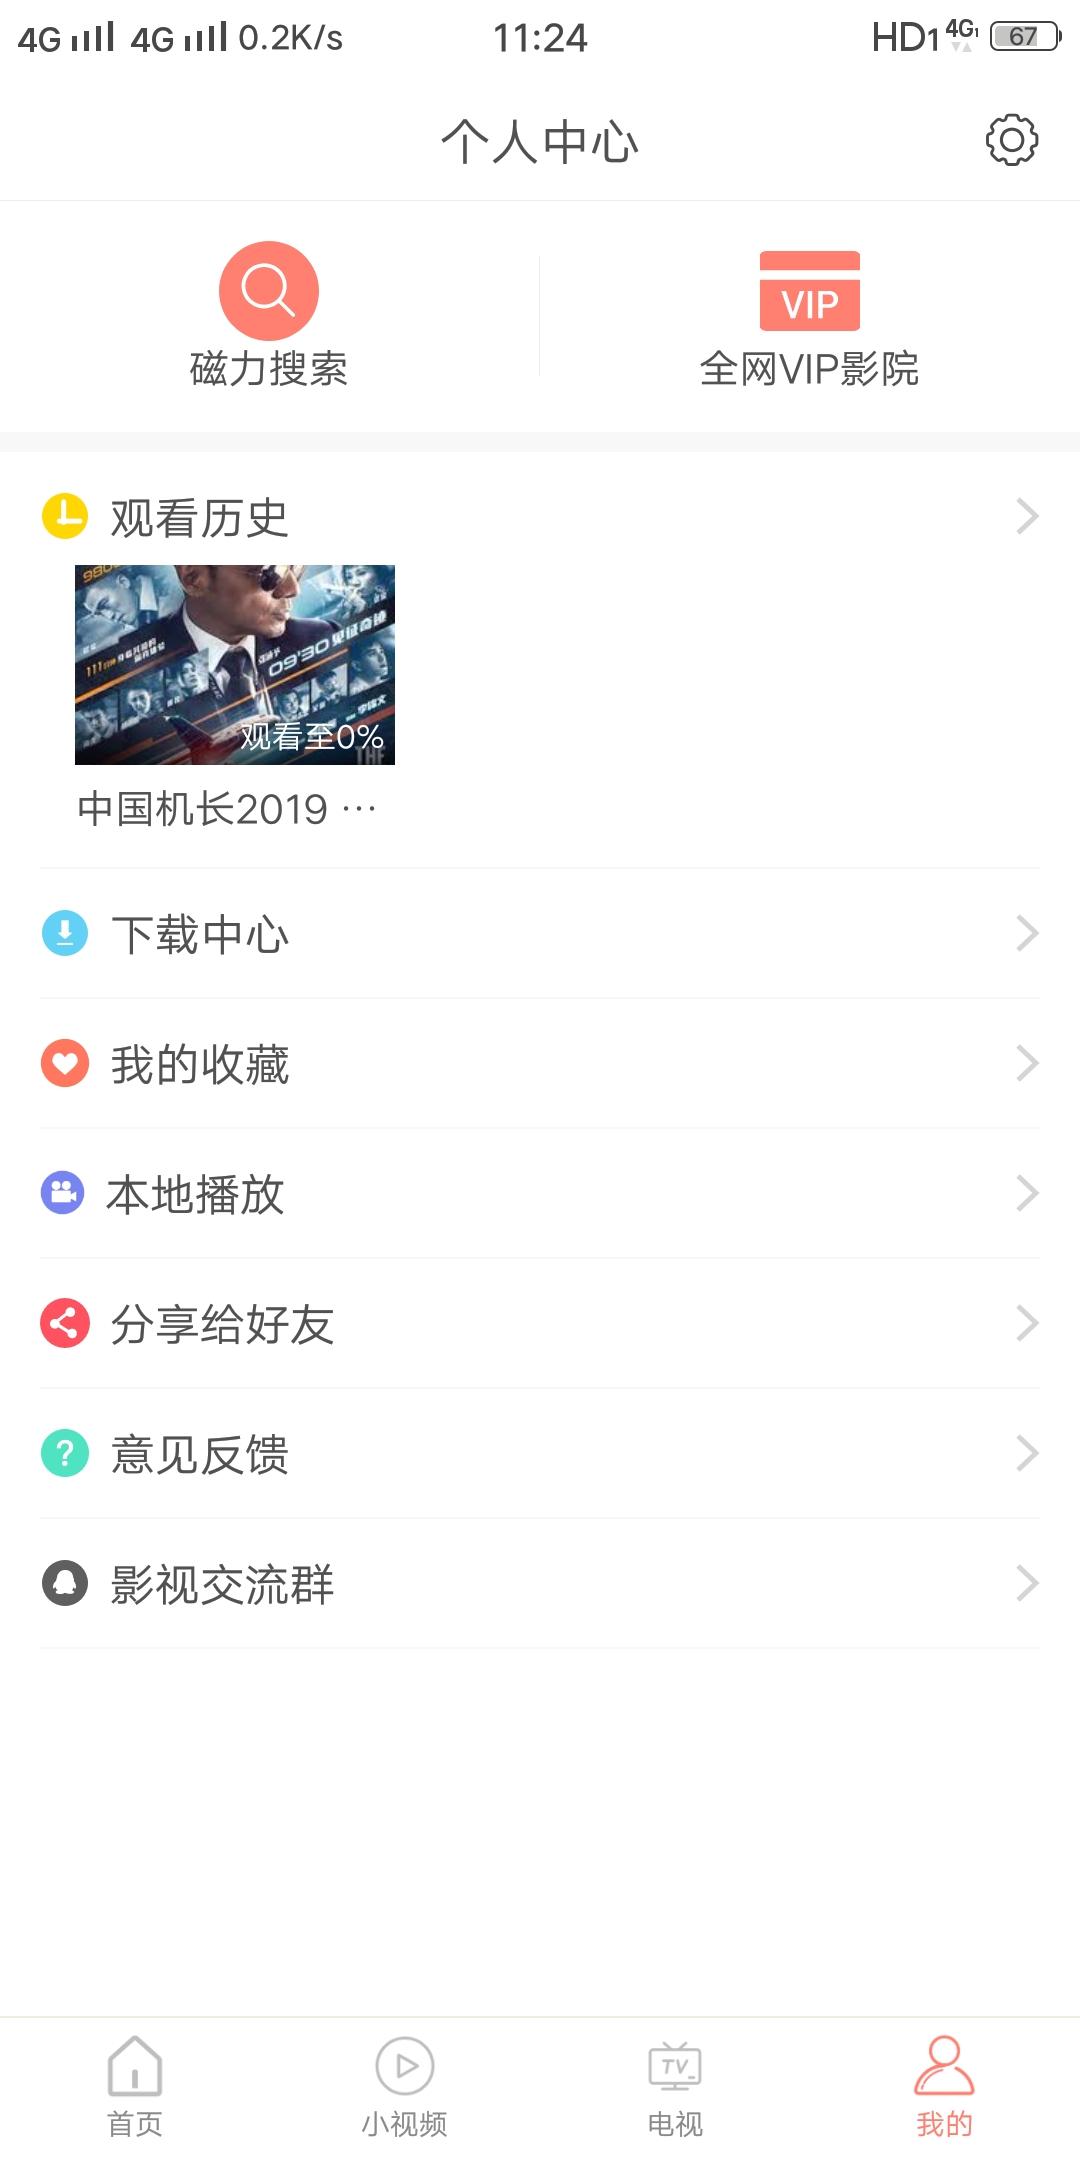 Screenshot_20191011_112453.jpg